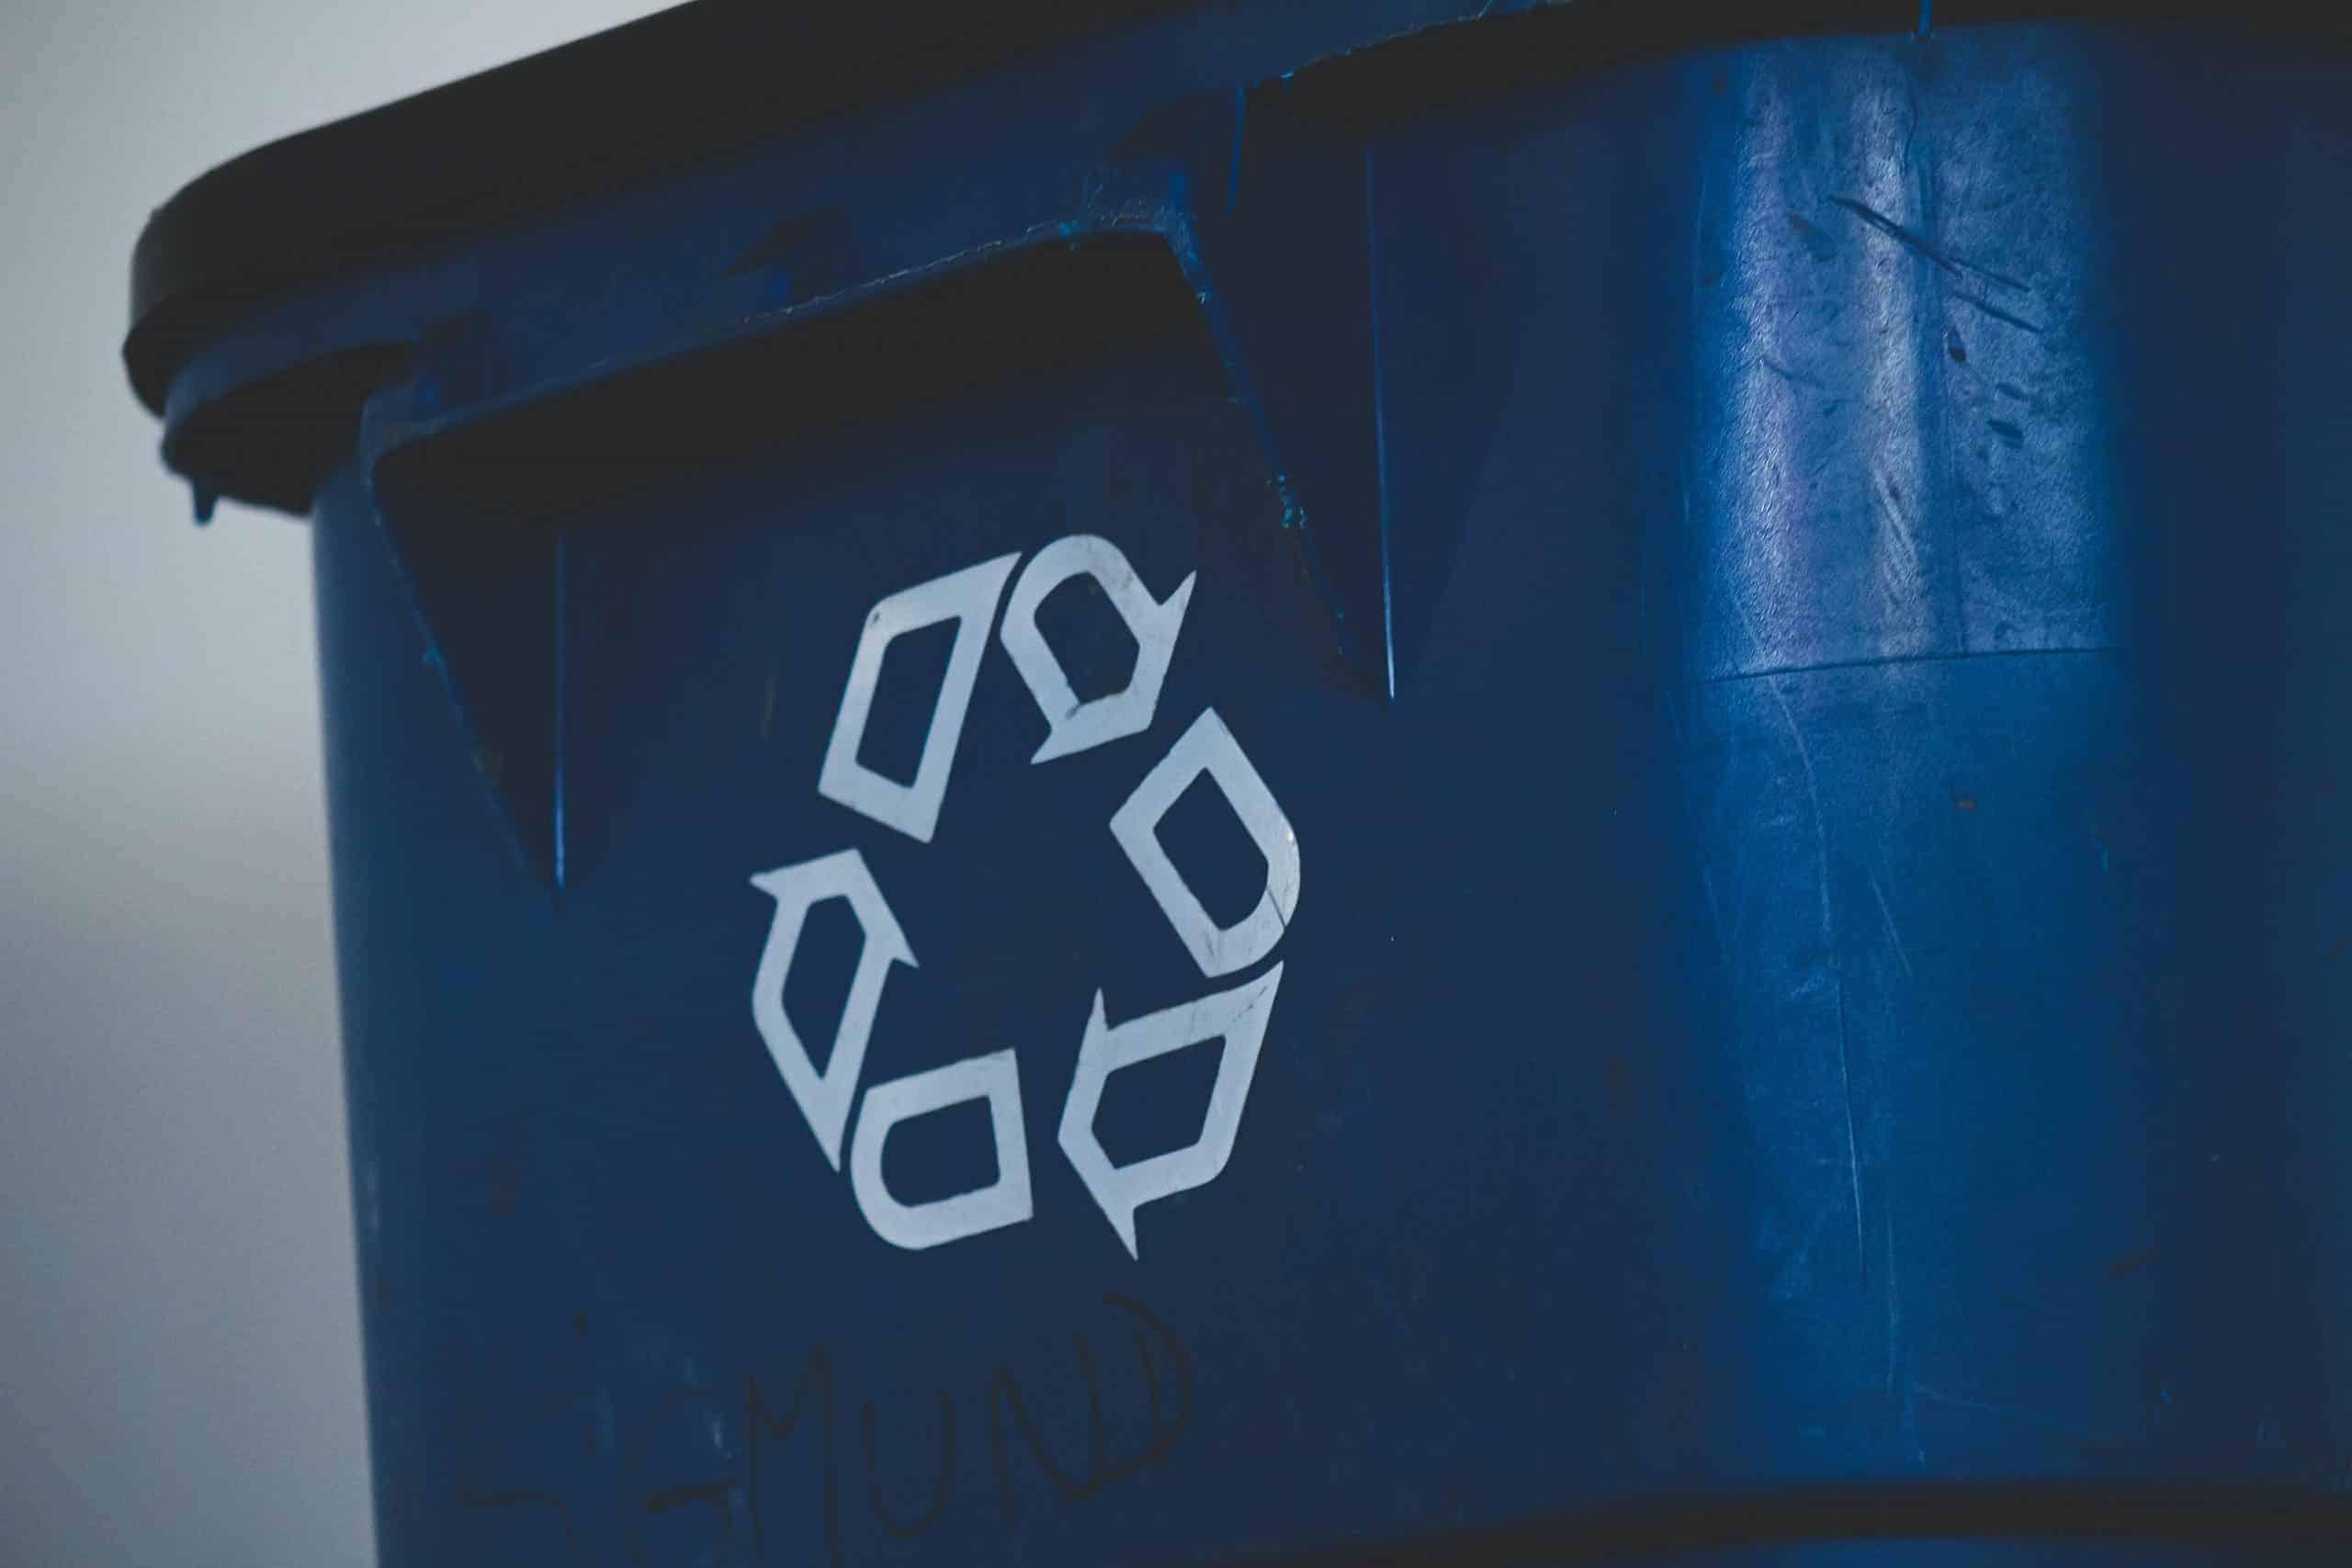 Chemieunternehmen aus Düsseldorf setzt auf nachhaltige Verpackungen